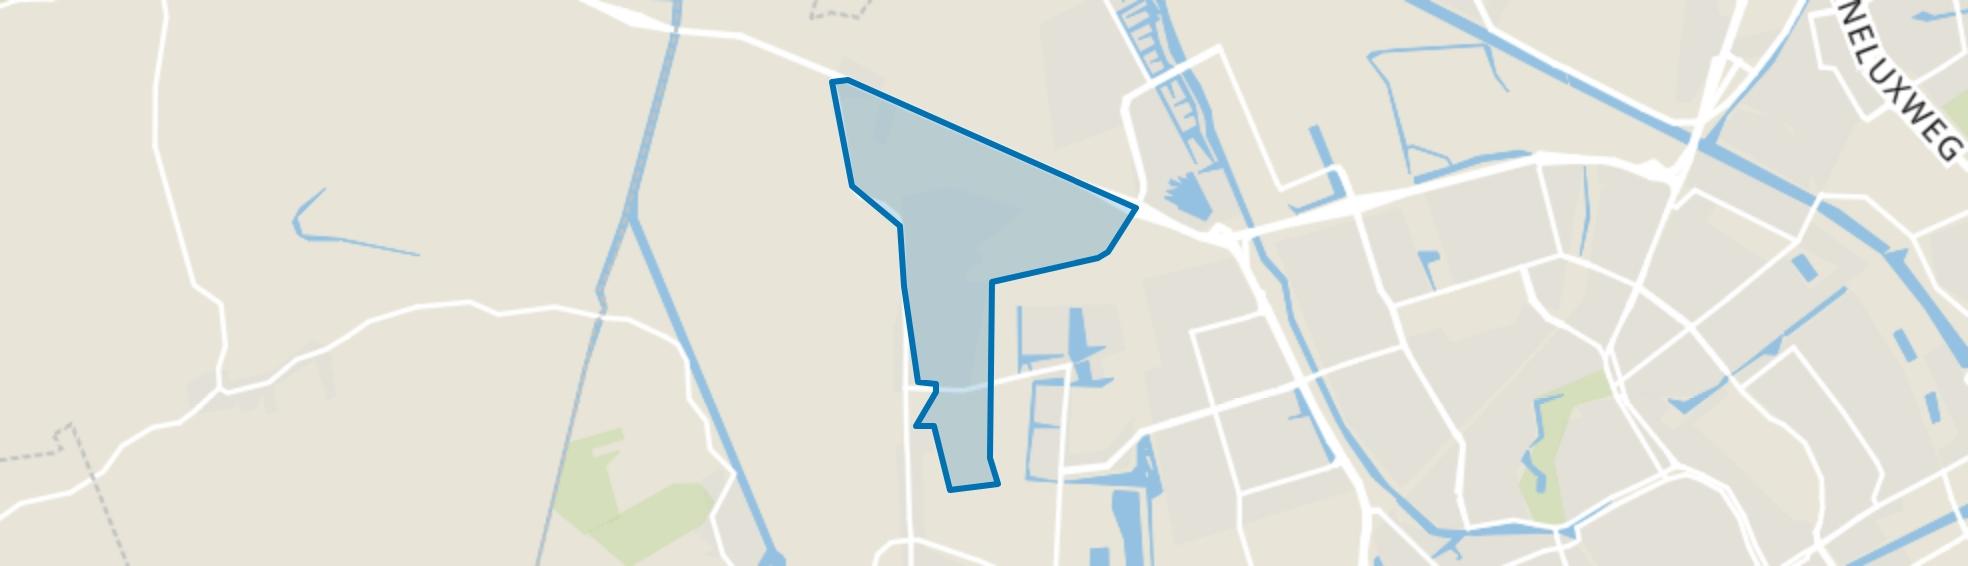 Gravenburg, Groningen map